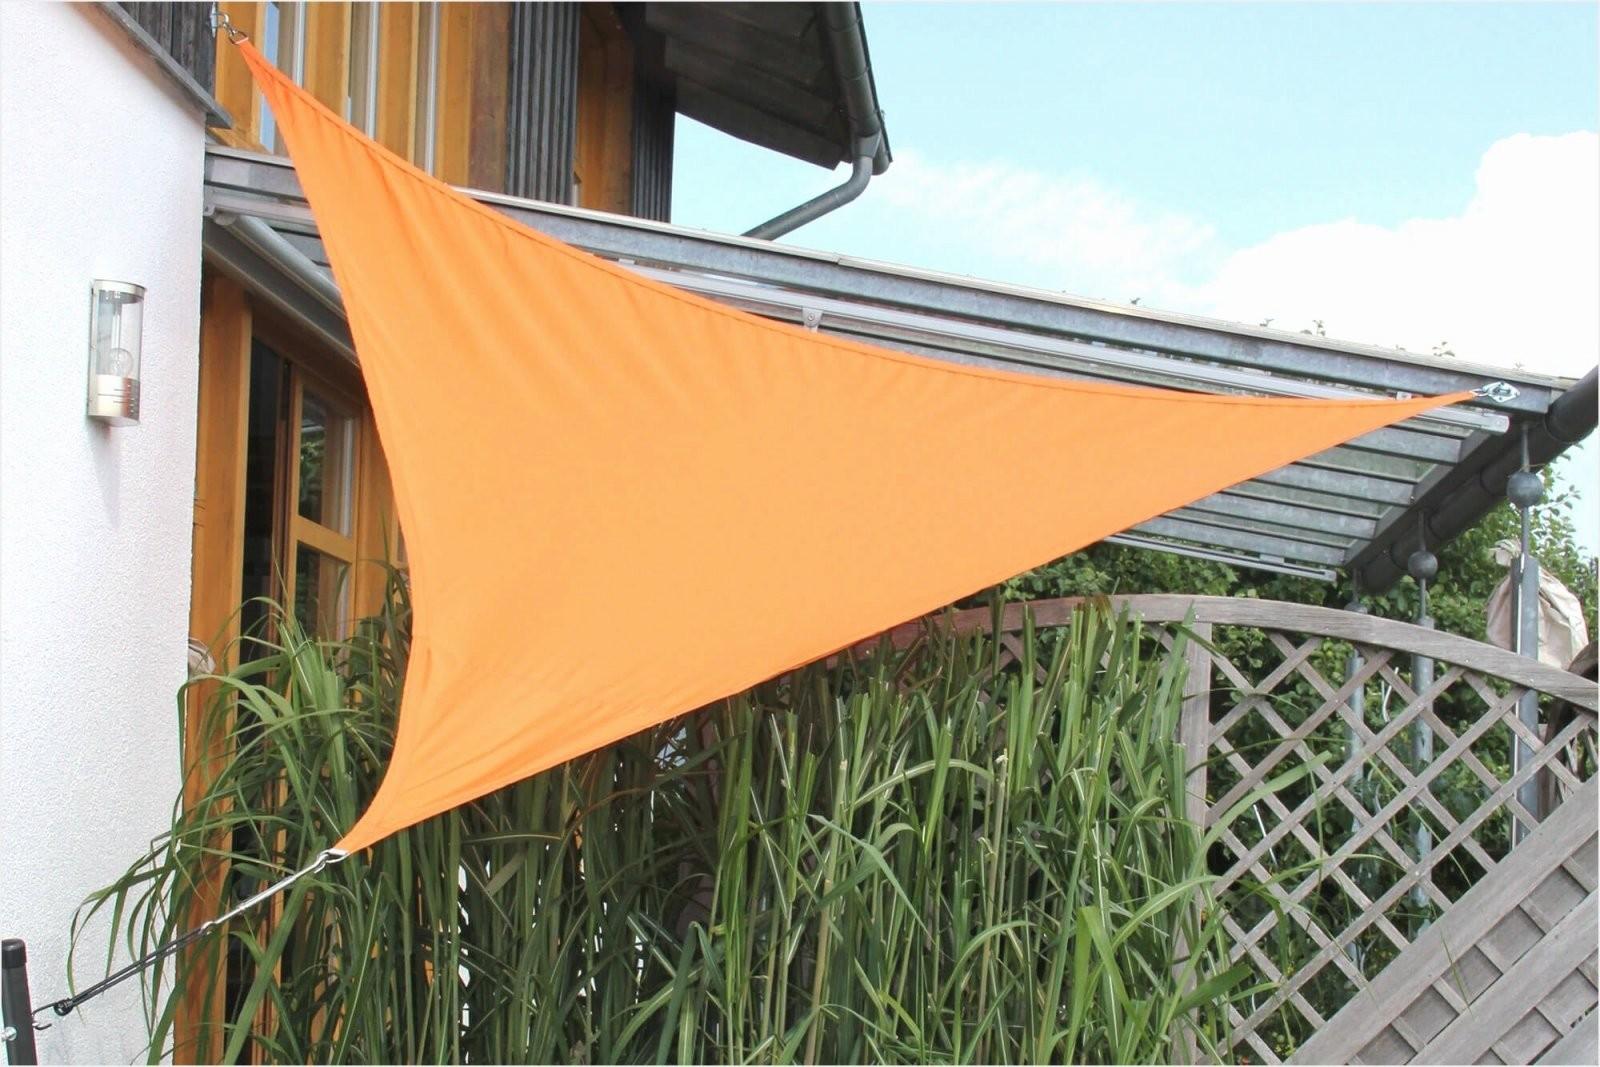 Balkon Dach Ohne Bohren Für Ideen Balkon Regenschutz Ohne Bohren von Balkon Dach Ohne Bohren Photo